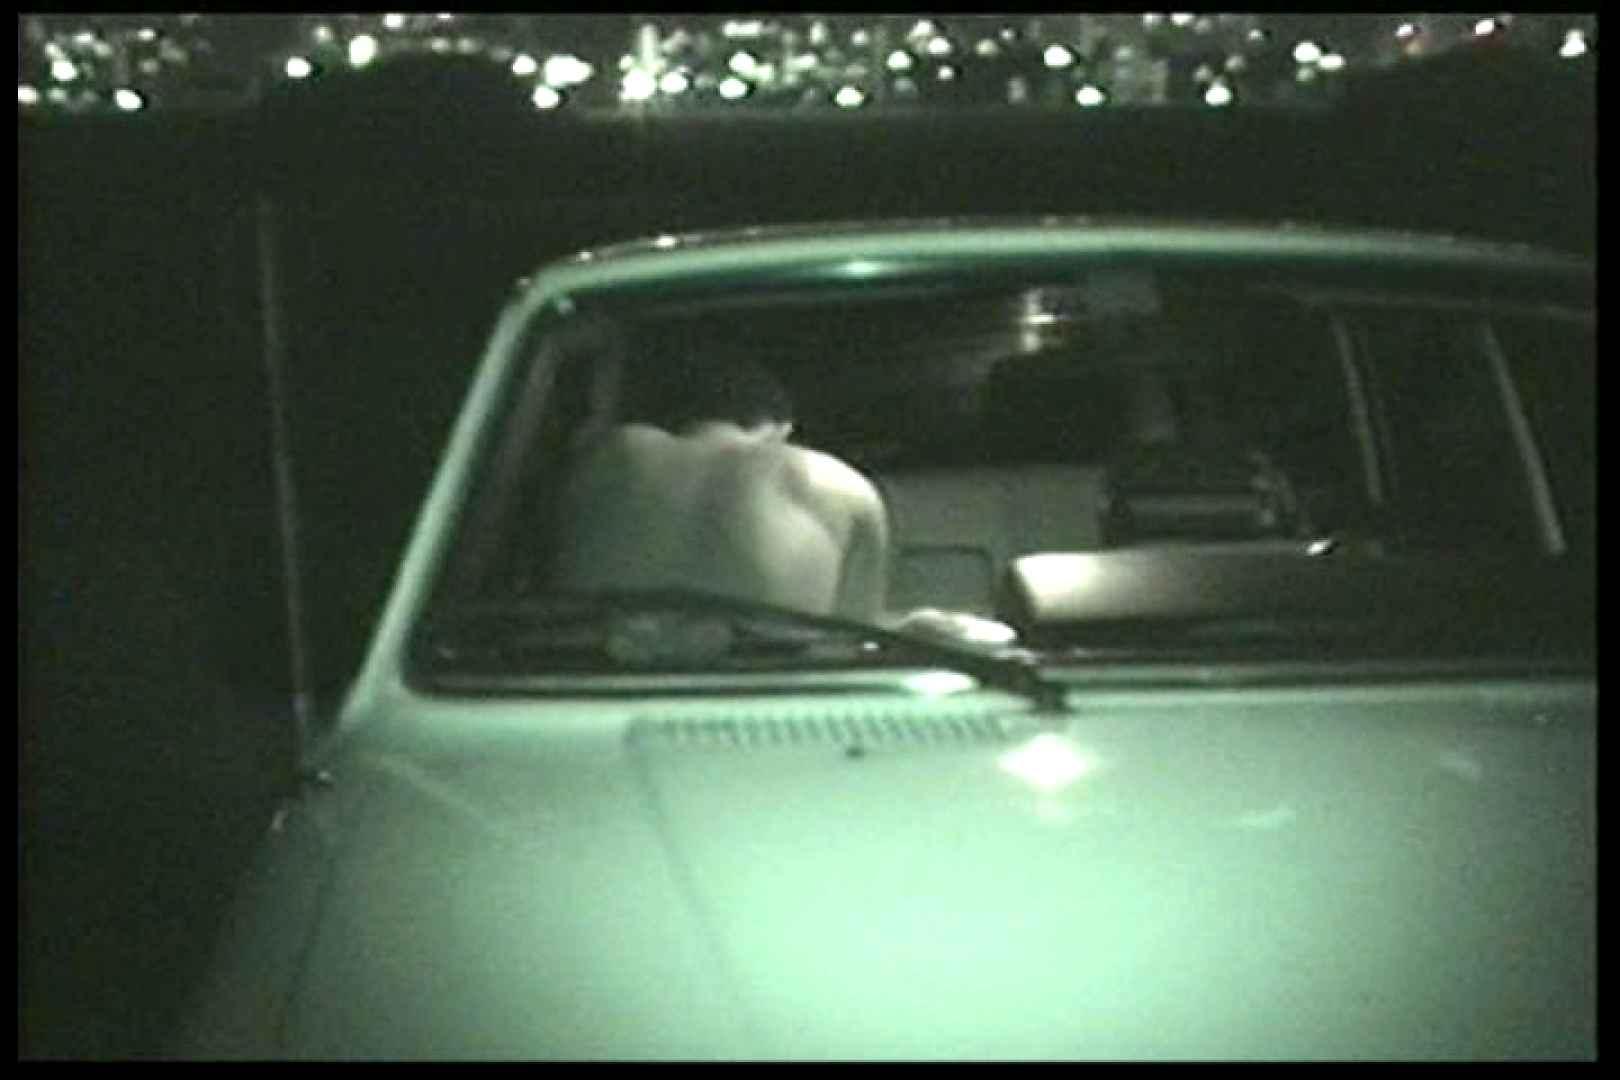 車の中はラブホテル 無修正版  Vol.15 赤外線 SEX無修正画像 73連発 40